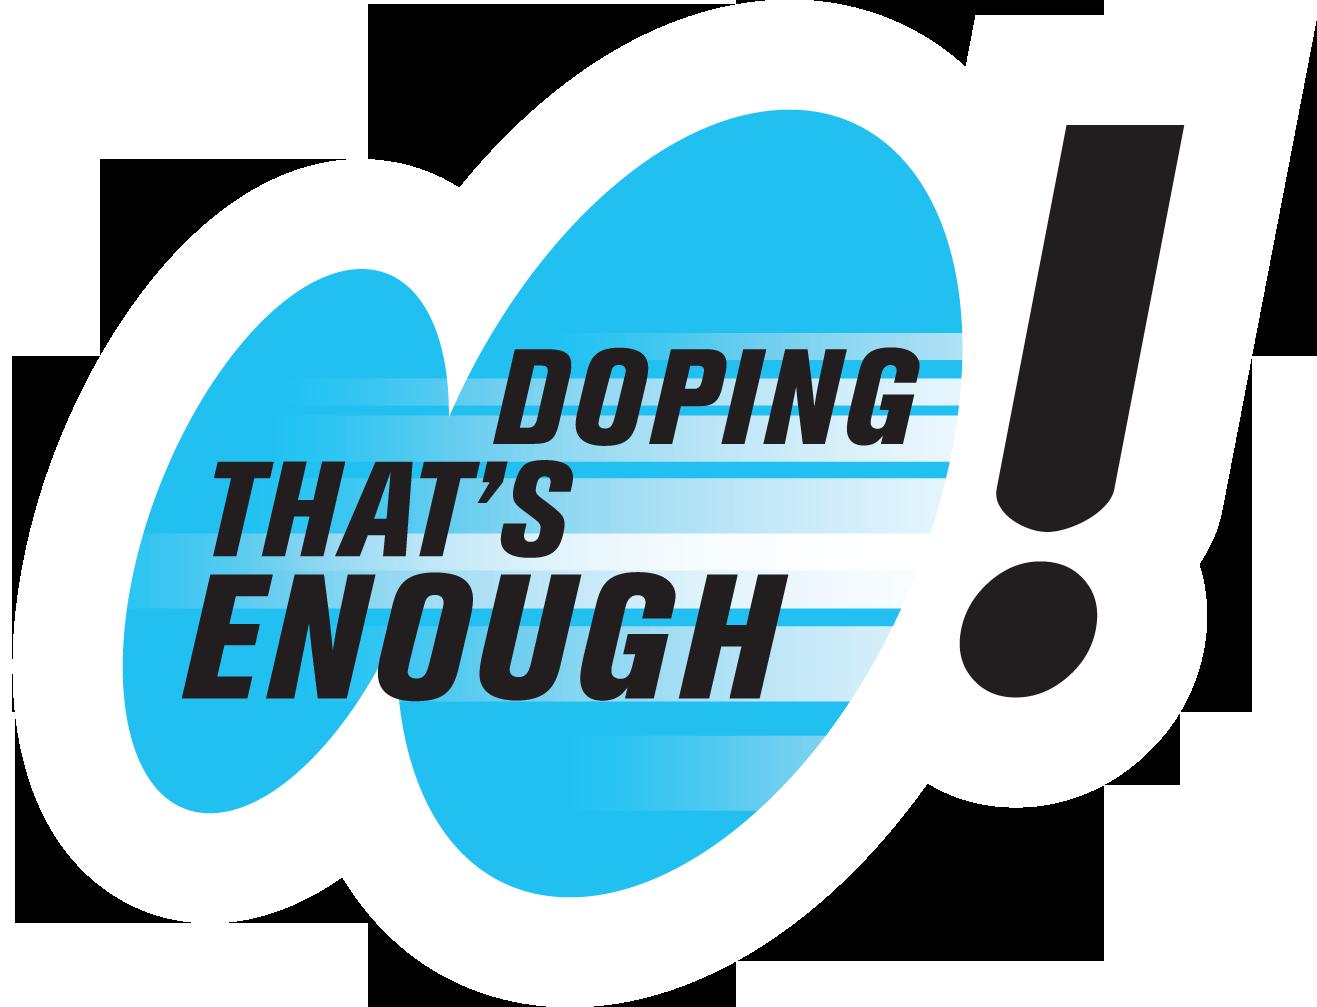 32 casi di doping nel ciclismo nel 2019